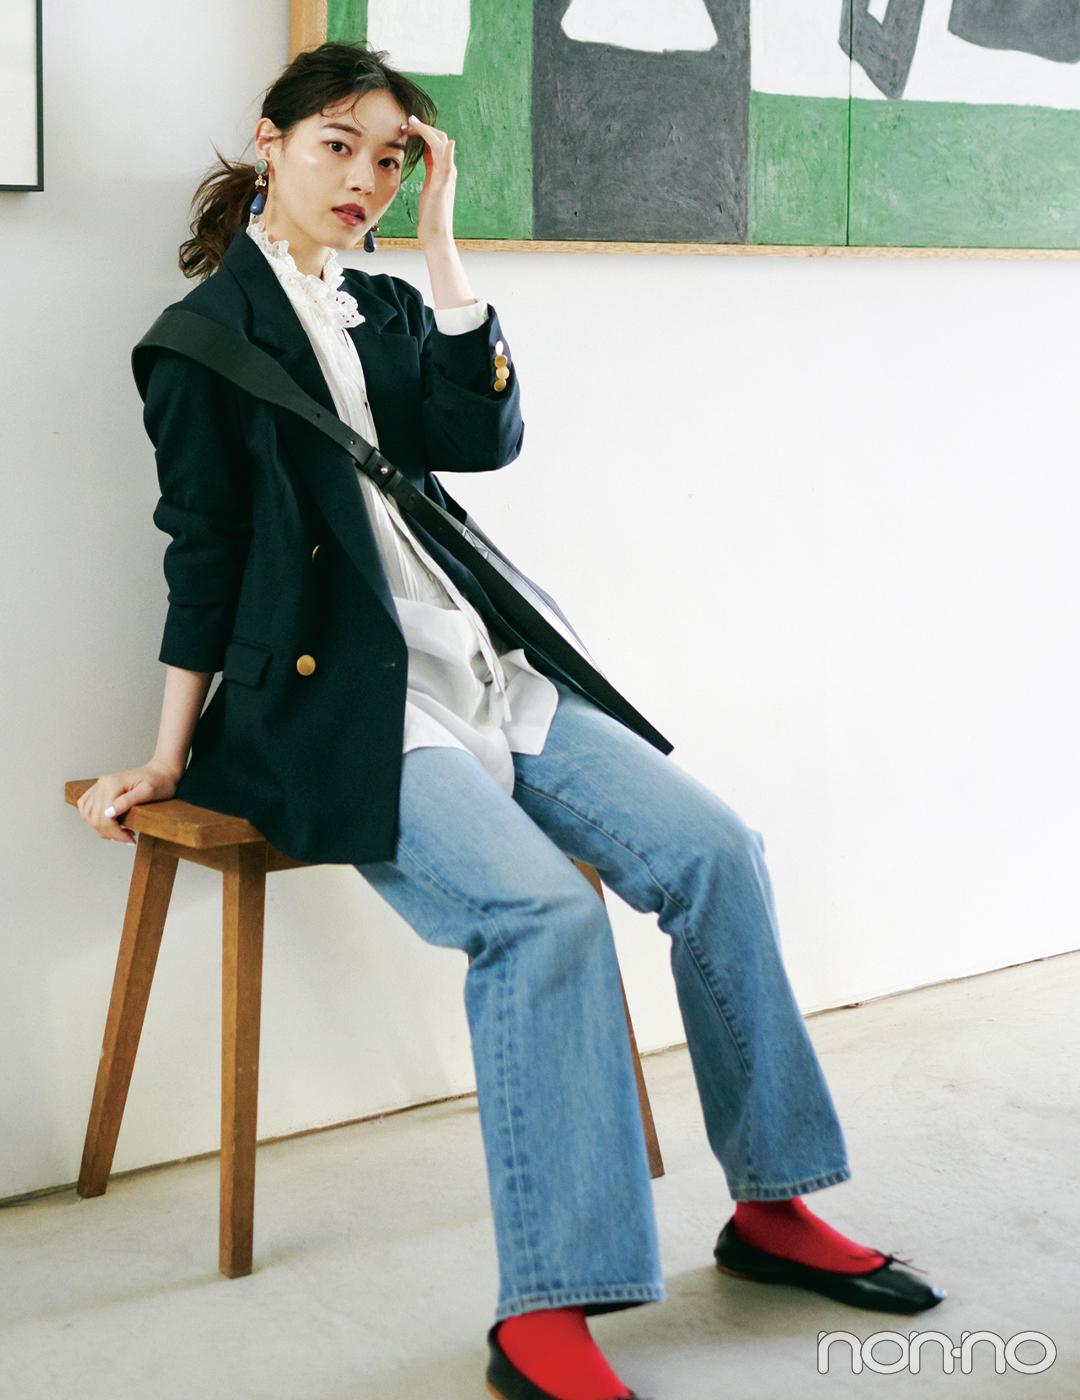 西野七瀬は端正なジャケットにカラーソックスで遊んじゃう!【大学生の毎日コーデ】